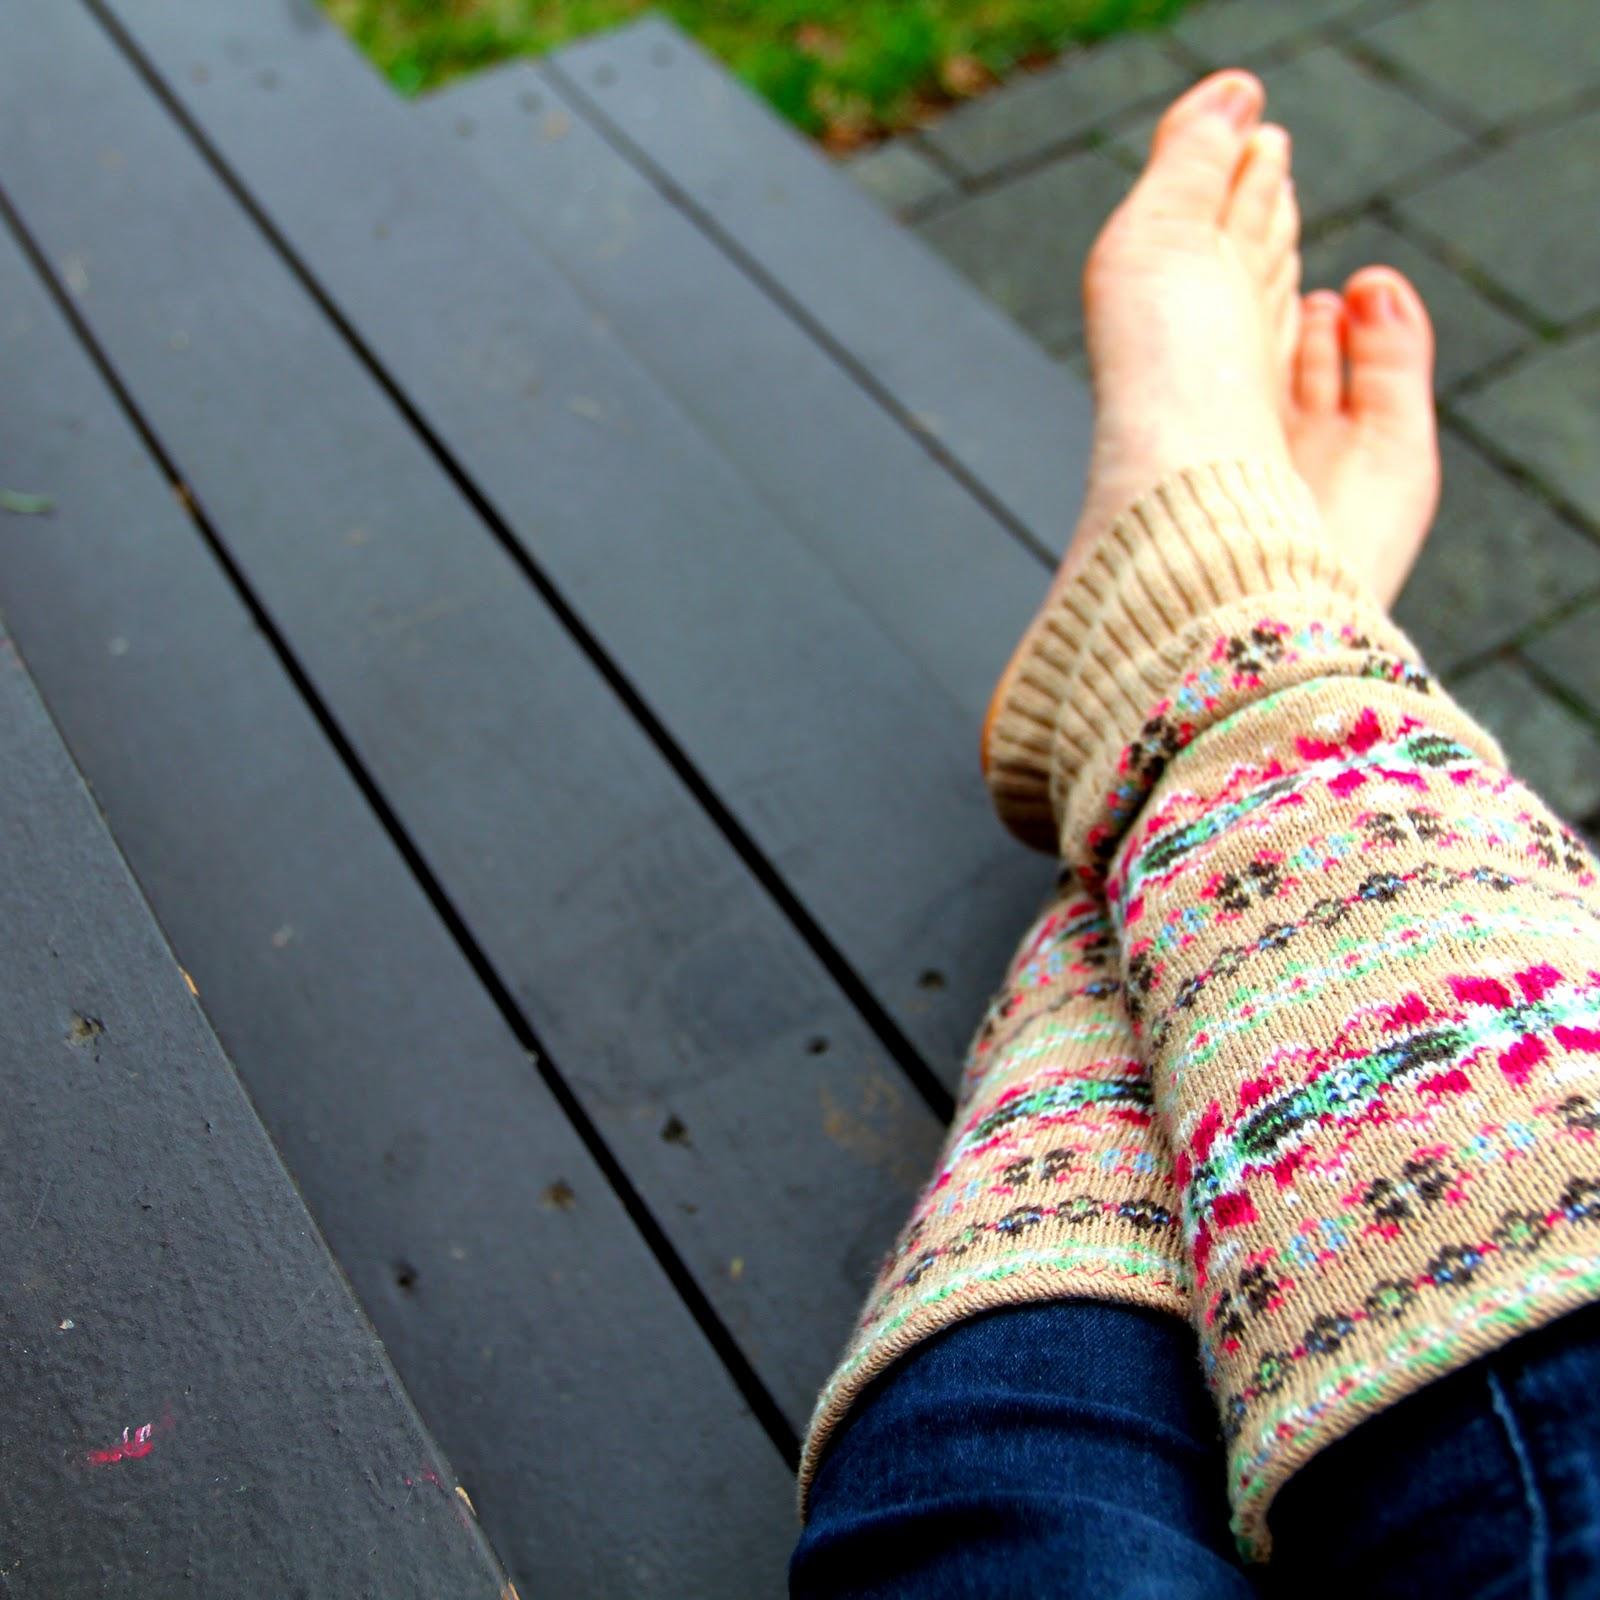 Переделка старого свитера в носки Мастер-класс своими руками 71